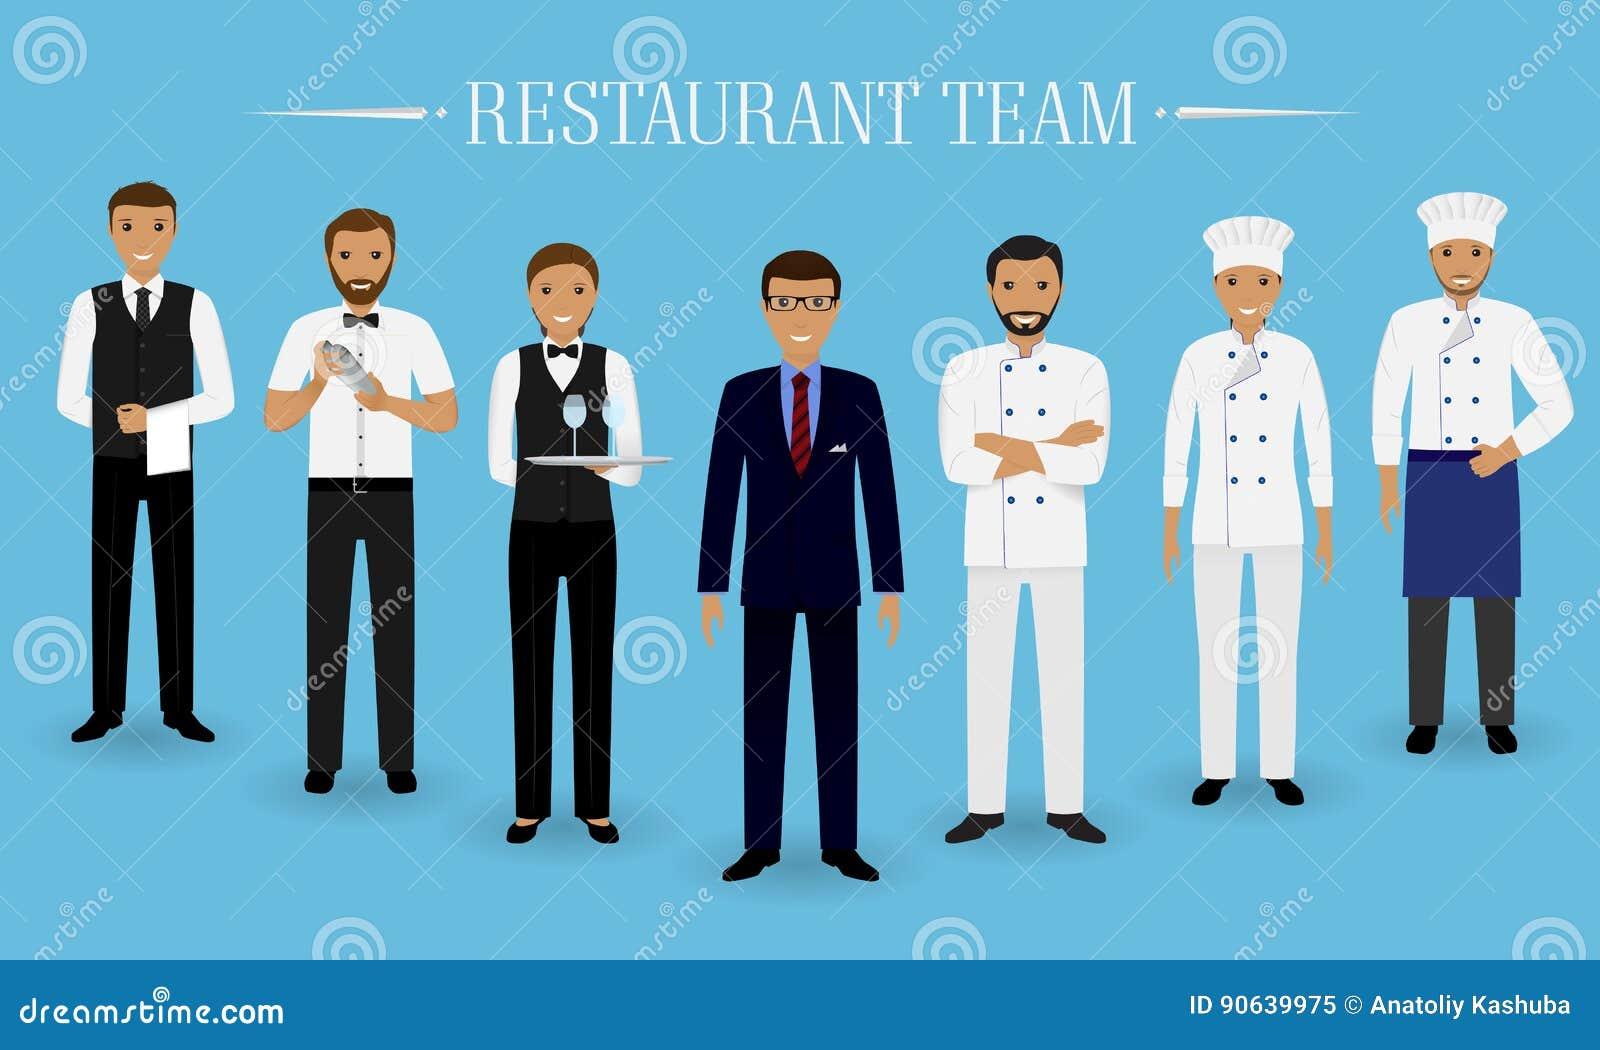 Έννοια ομάδων εστιατορίων Ομάδα χαρακτήρων που στέκονται μαζί: διευθυντής, αρχιμάγειρας, μάγειρας, δύο σερβιτόροι και μπάρμαν σε